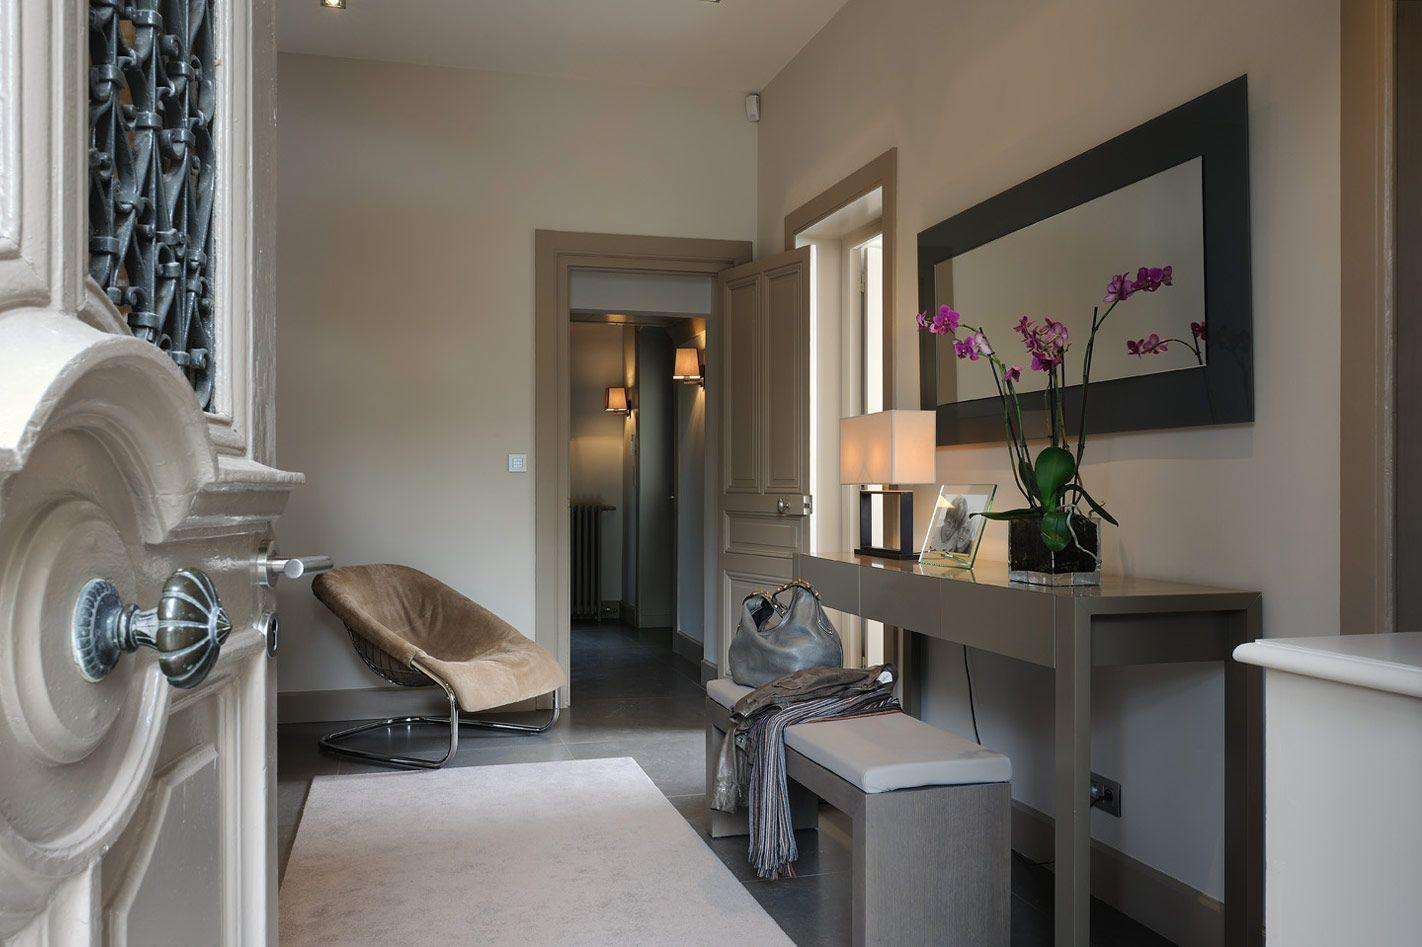 Entrée Decoration Interieur décoration interieur entrée | idées pour la maison | pinterest